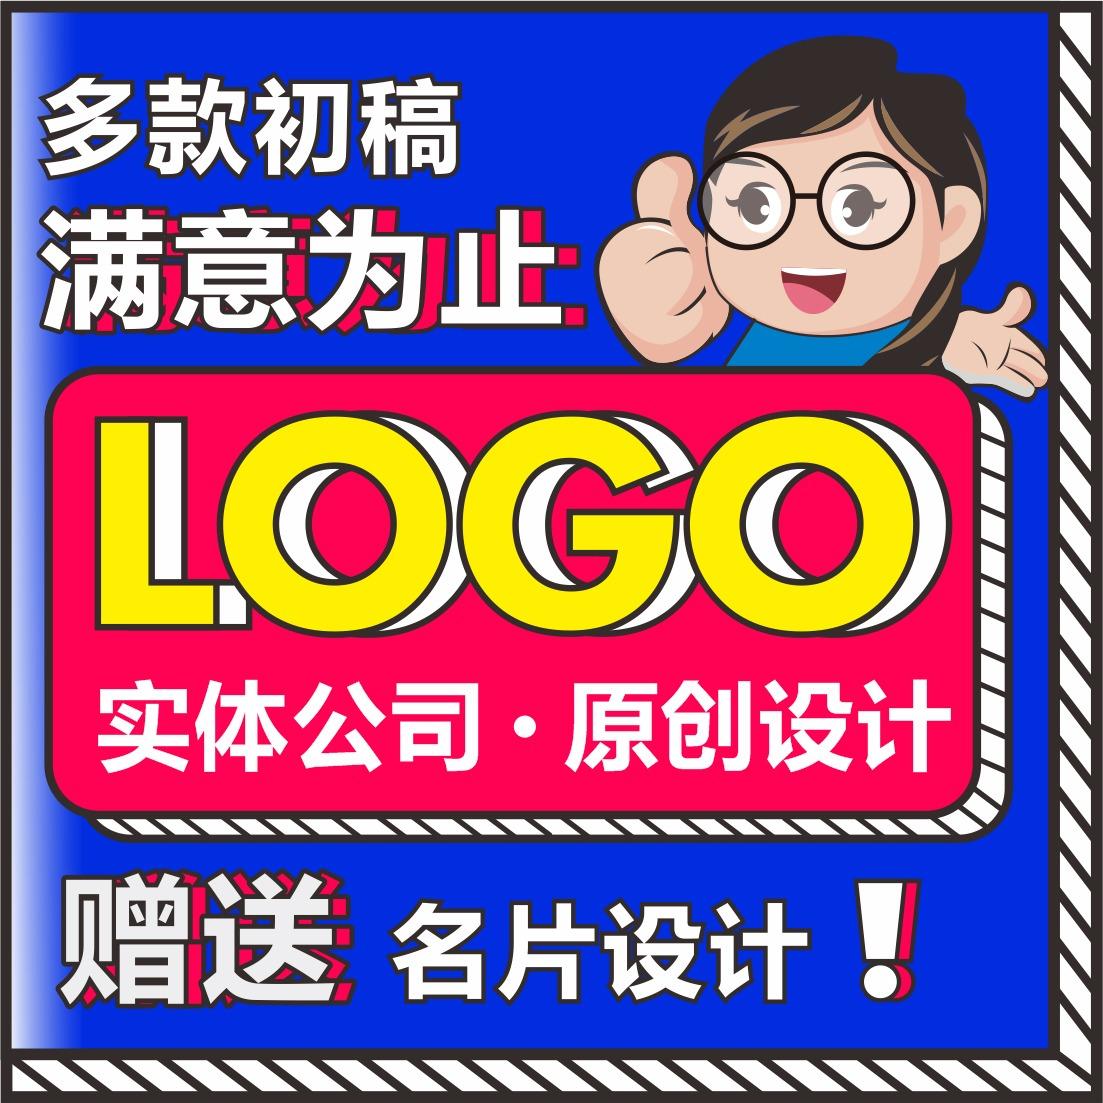 【预祥资深LOGO设计】企业公司高端原创标志商标LOGO设计